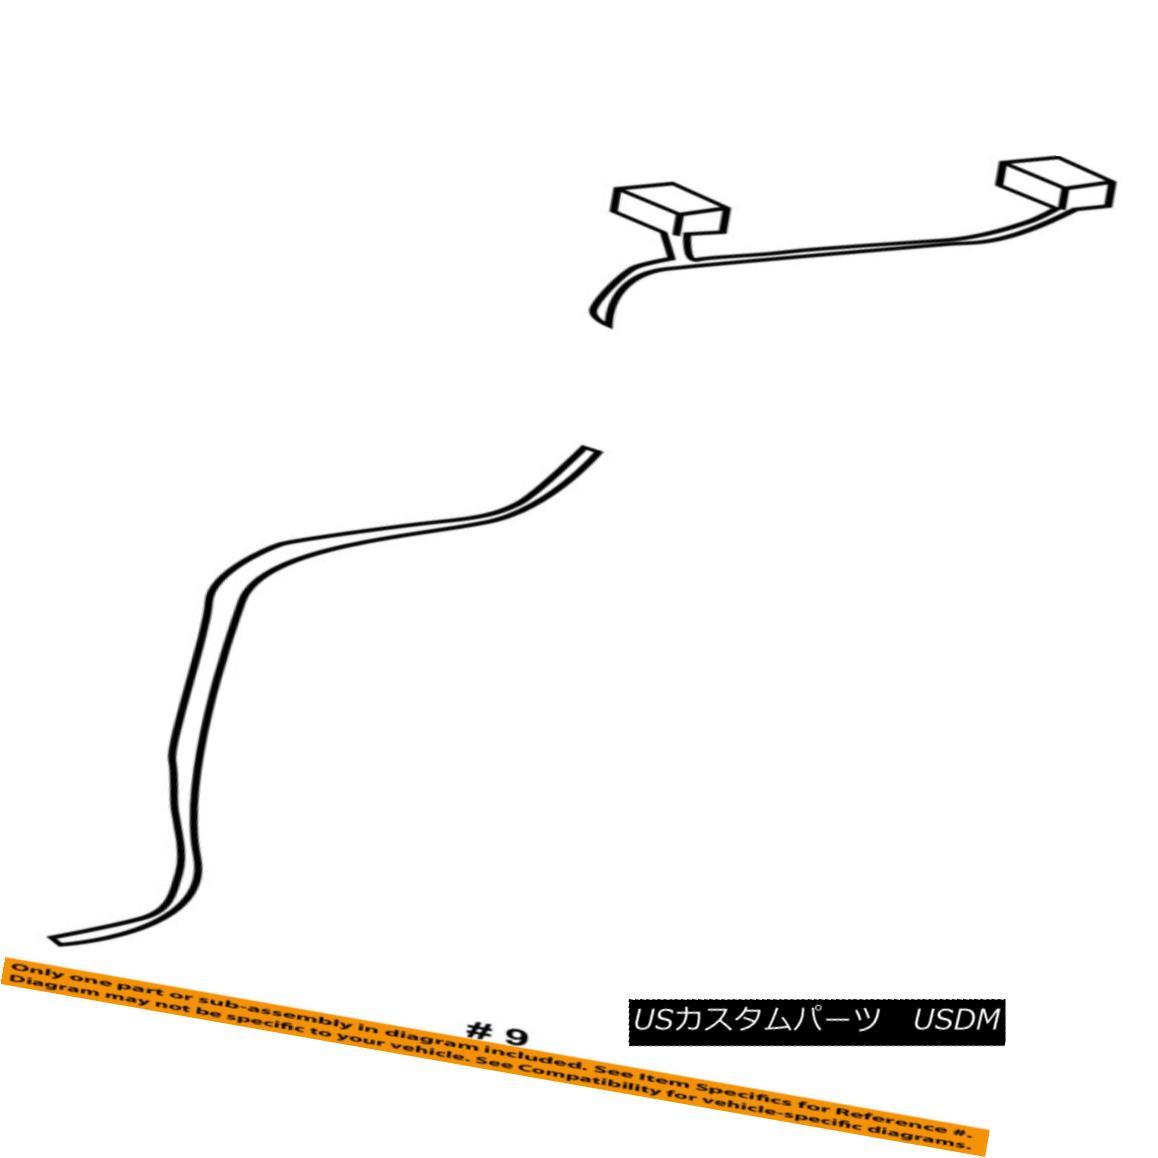 幌・ソフトトップ Dodge CHRYSLER OEM 2003 Viper Convertible/soft Top-Tension Cable 5093071AA Dodge CHRYSLER OEM 2003 Viper Convertible / so ftトップテンションケーブル5093071AA